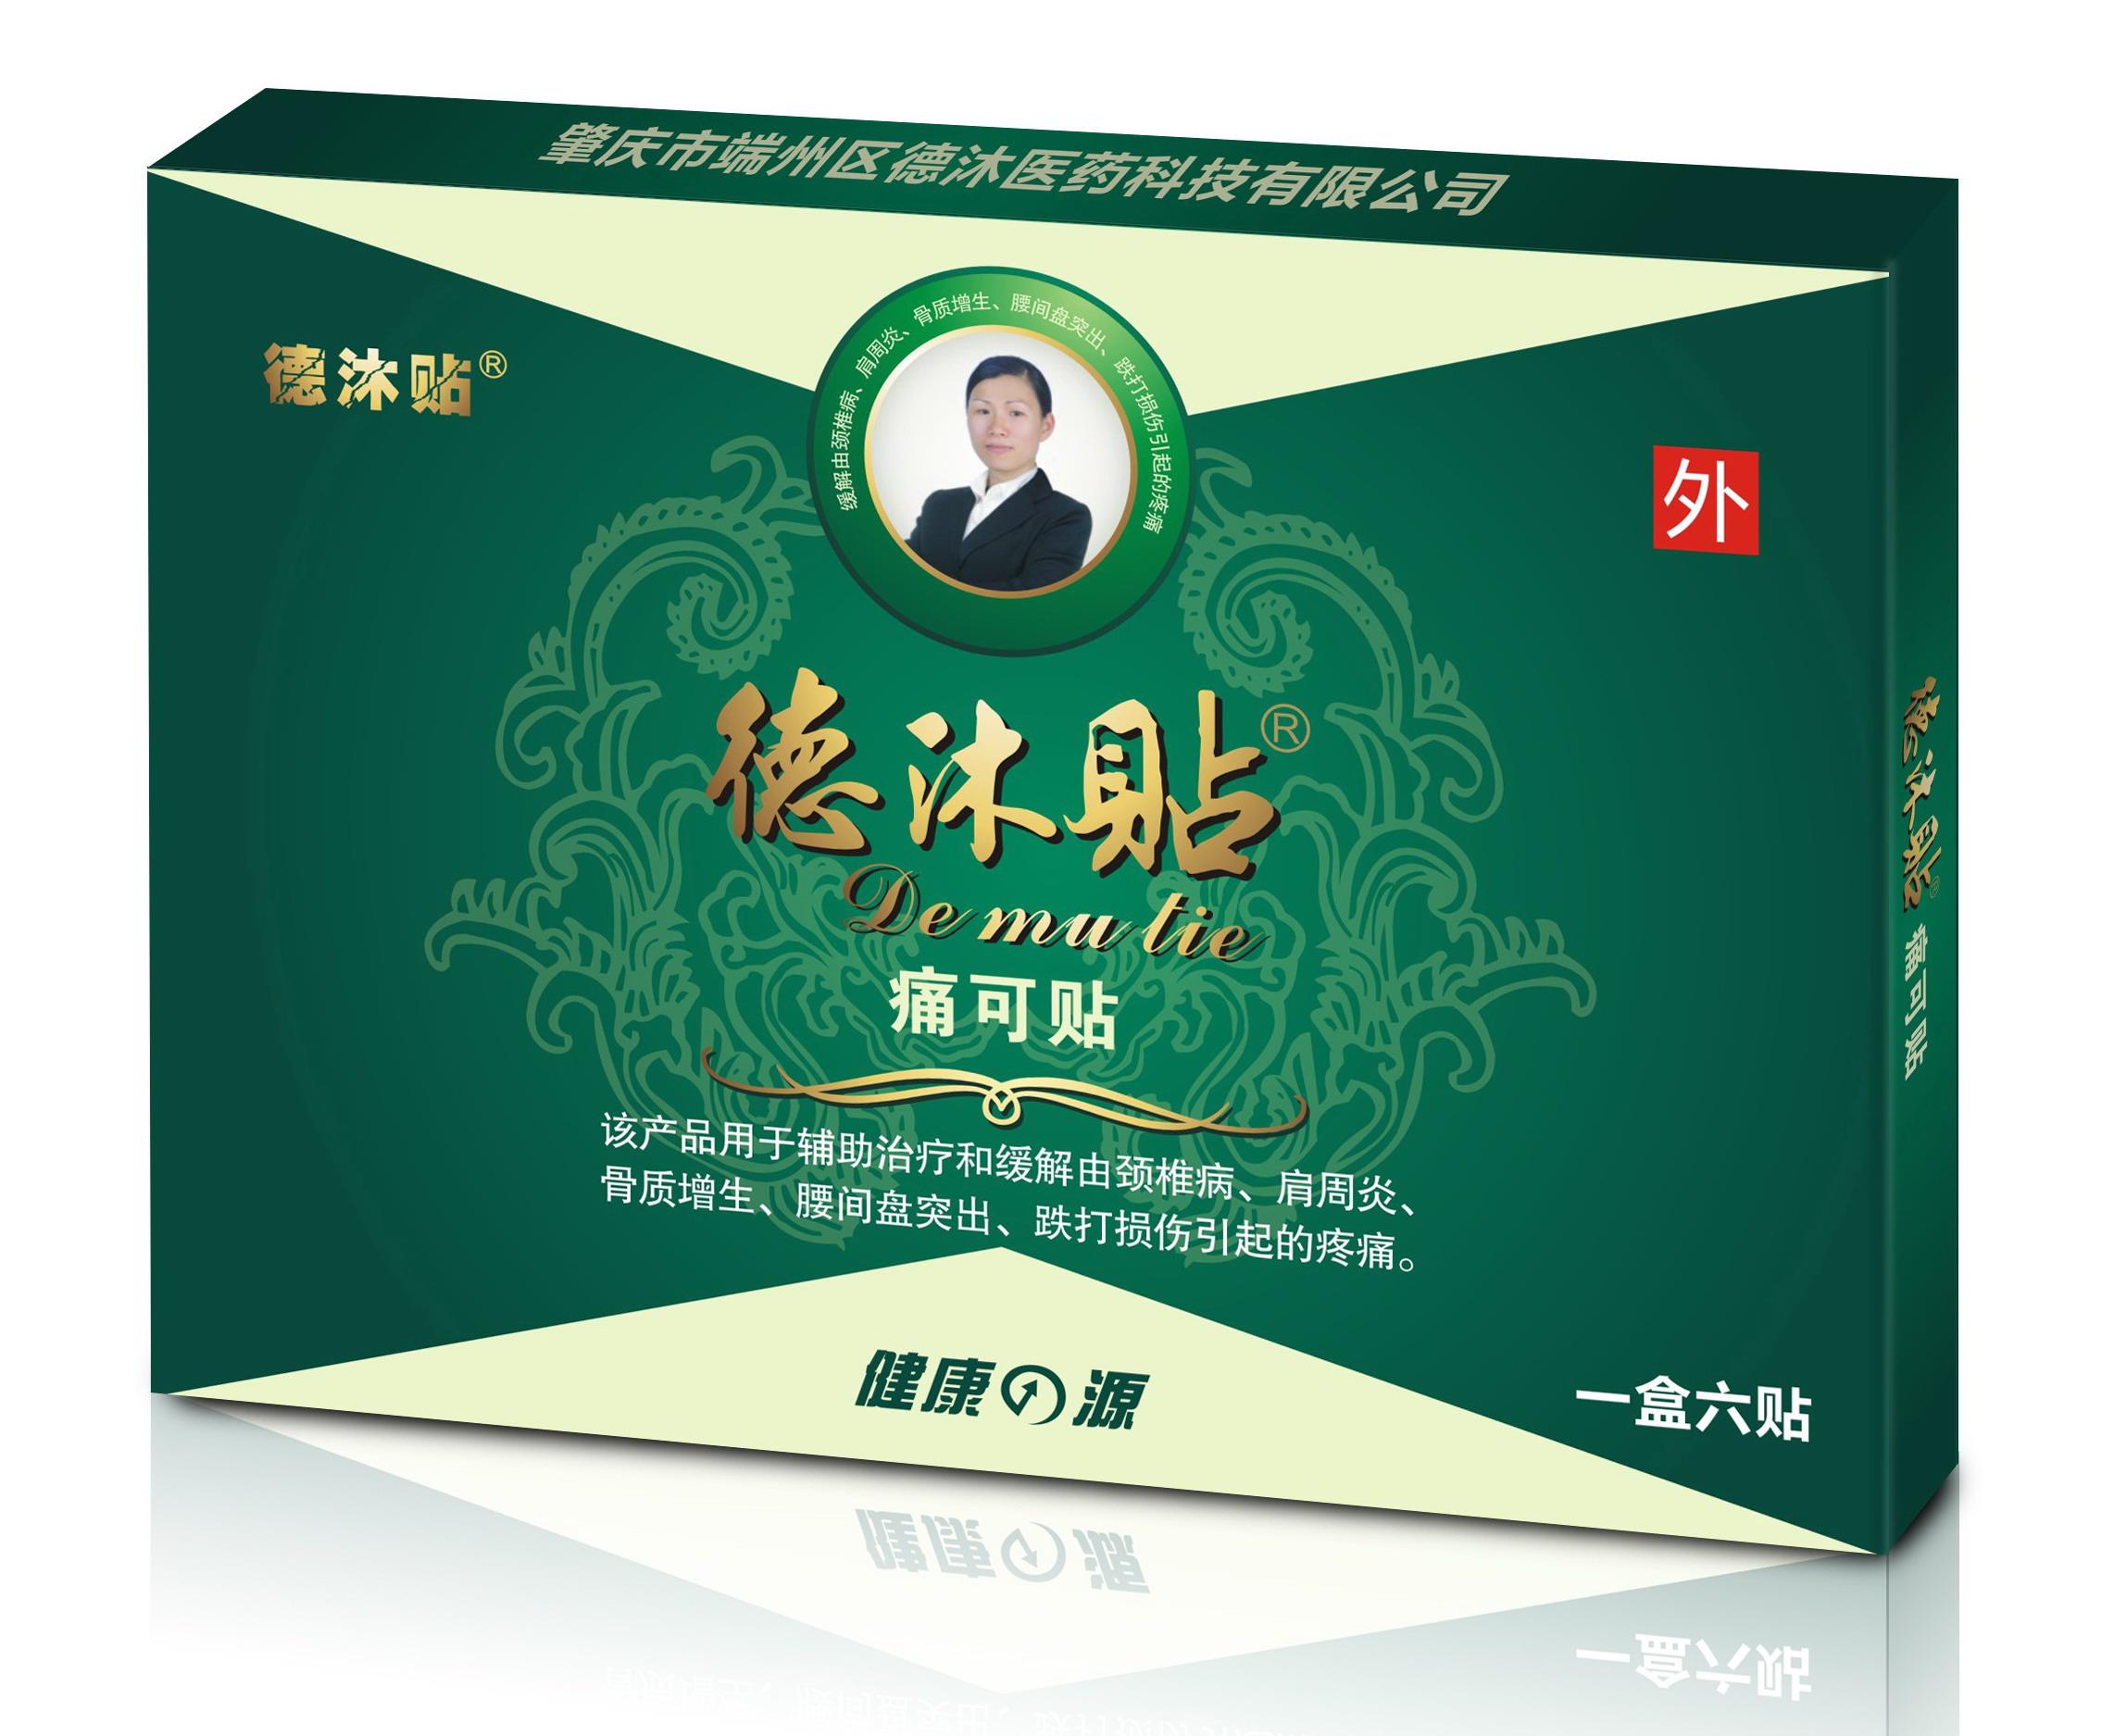 骨痛贴膏厂家-肇庆哪里有优惠的德沐贴痛可贴供应